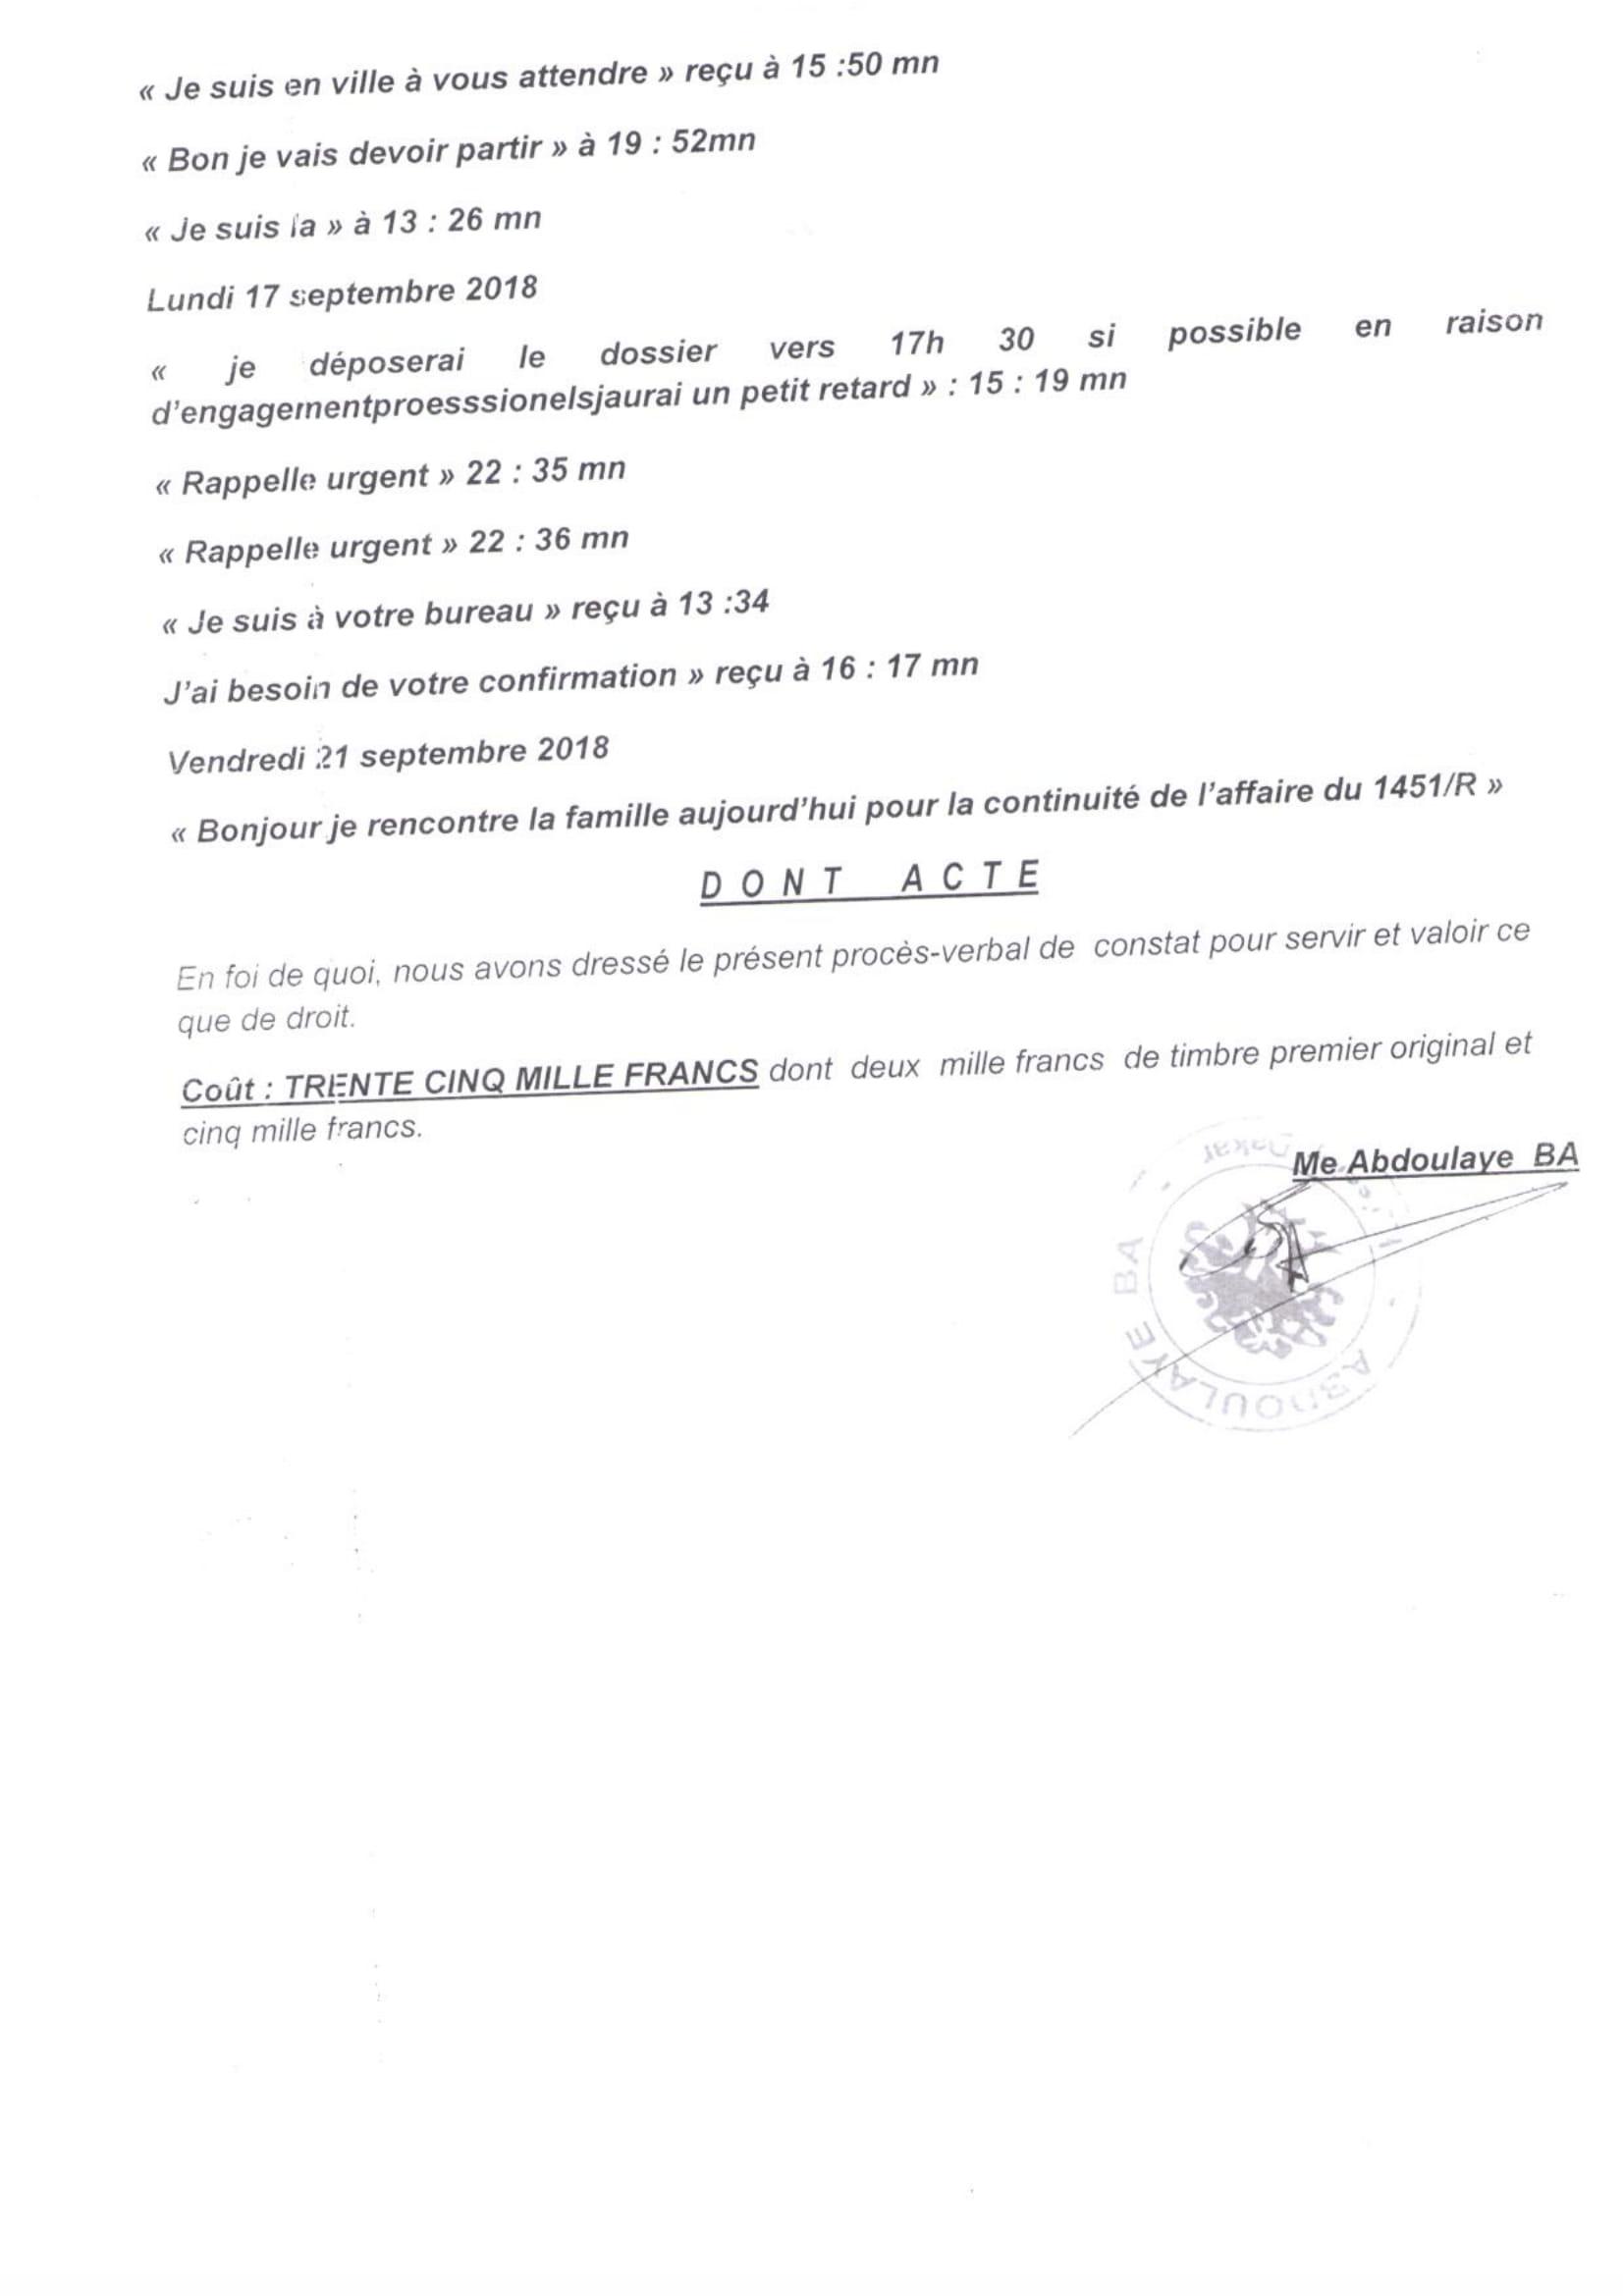 Ousmane Sonko au coeur d'un scandale - Voici les  effarants sms du bras droit du leader du parti Pastef, Abdourahmane Baldé, envoyés à l'homme d'affaires Tahirou Sarr!